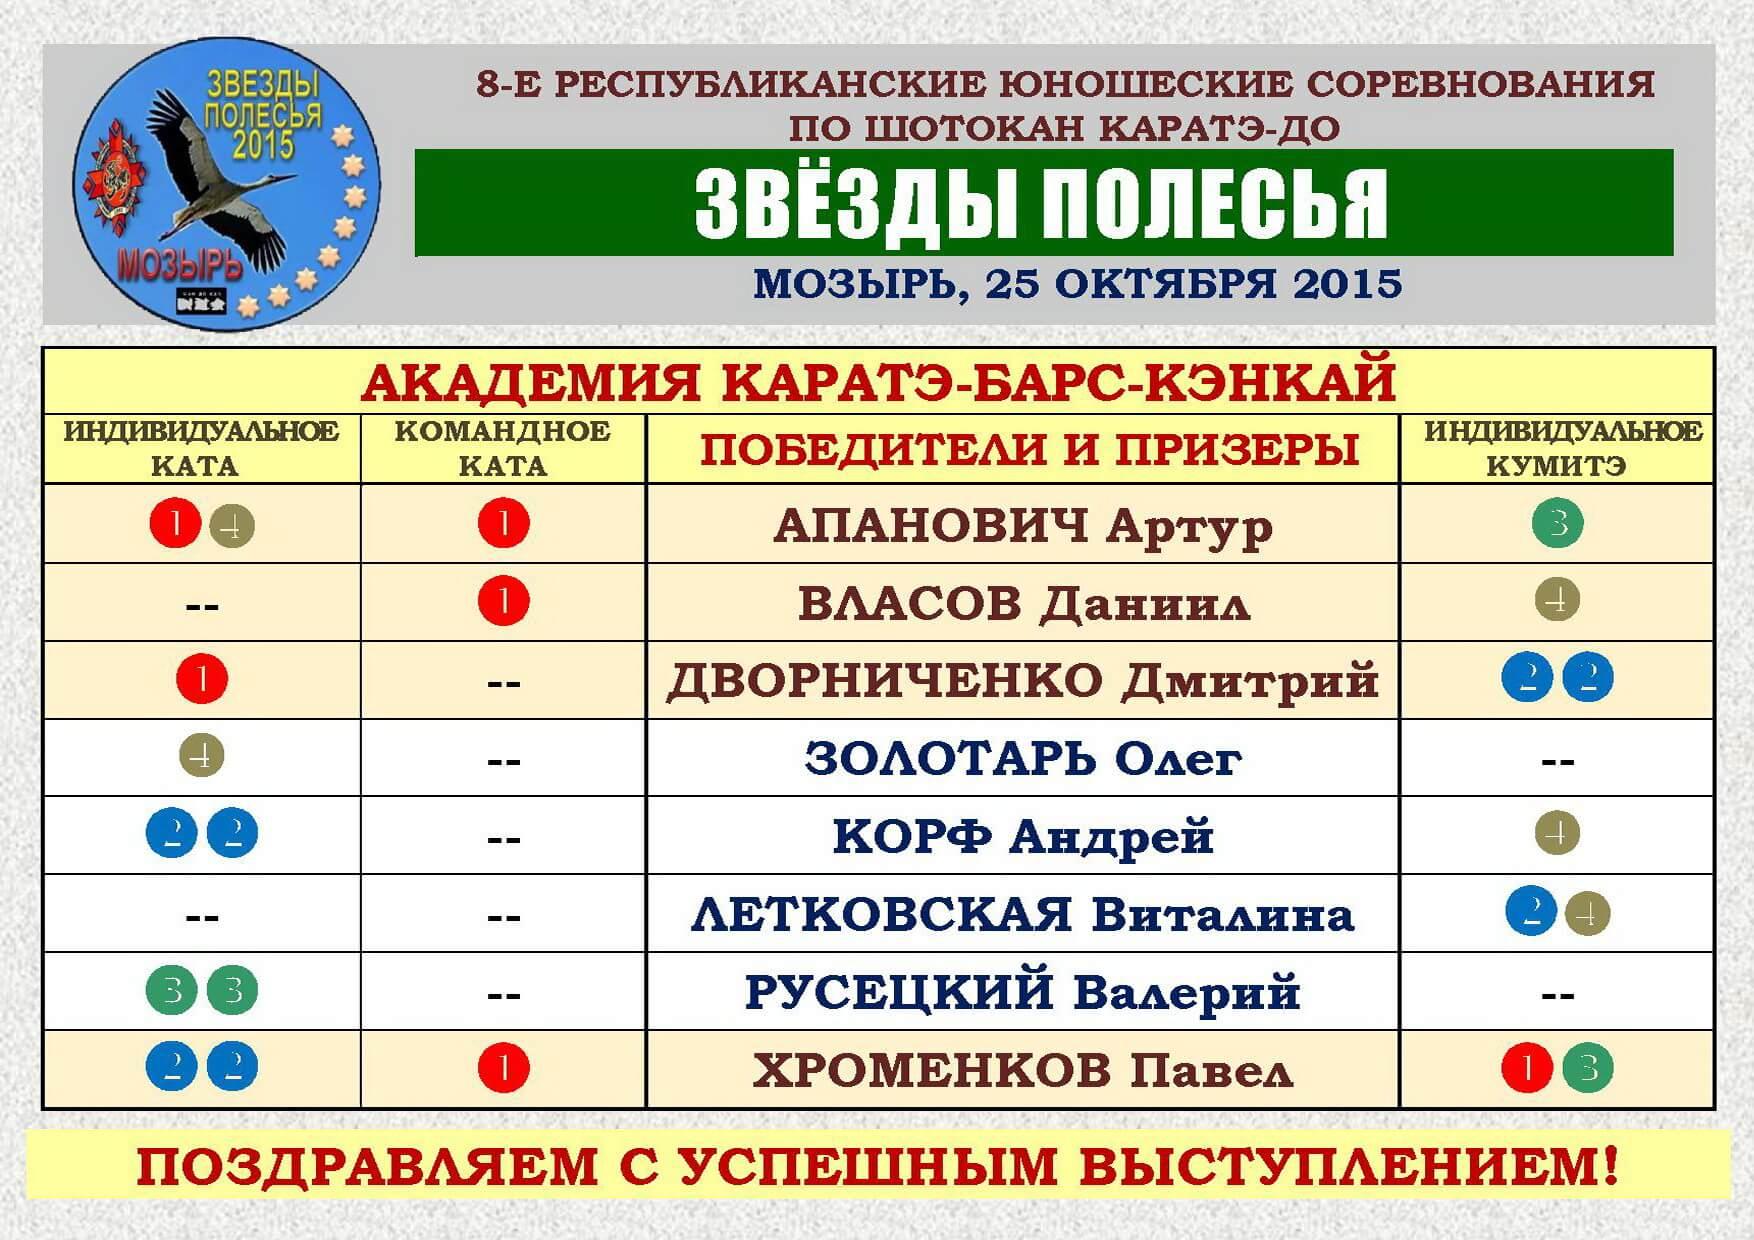 Мозырь-2015 АК-поздравления